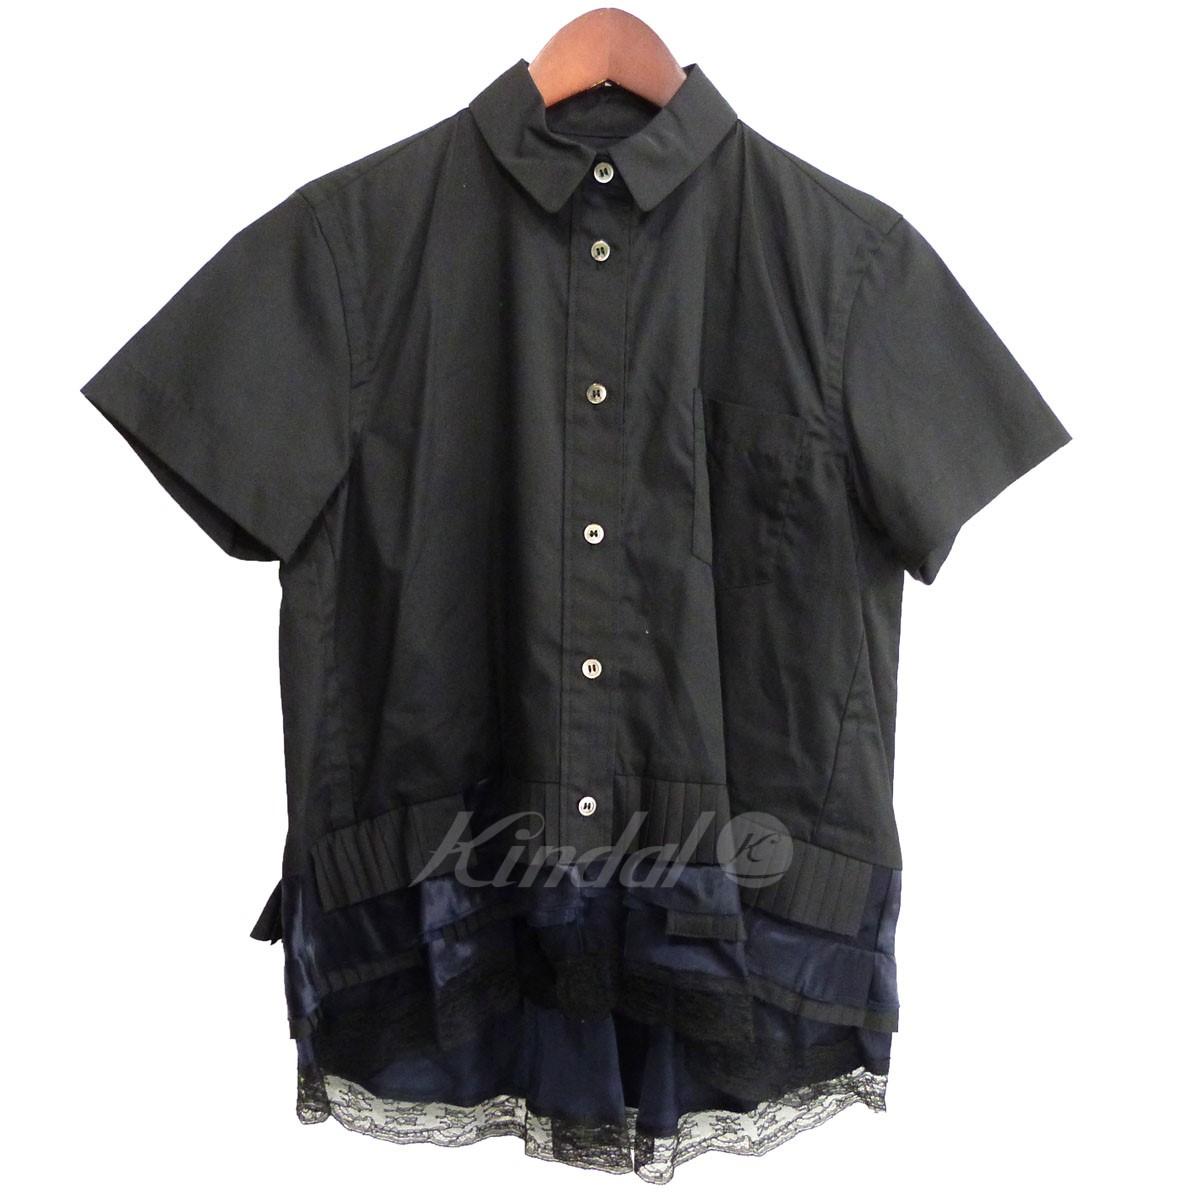 【中古】sacai 裾レースブラウス ブラック サイズ:1 【送料無料】 【080419】(サカイ)